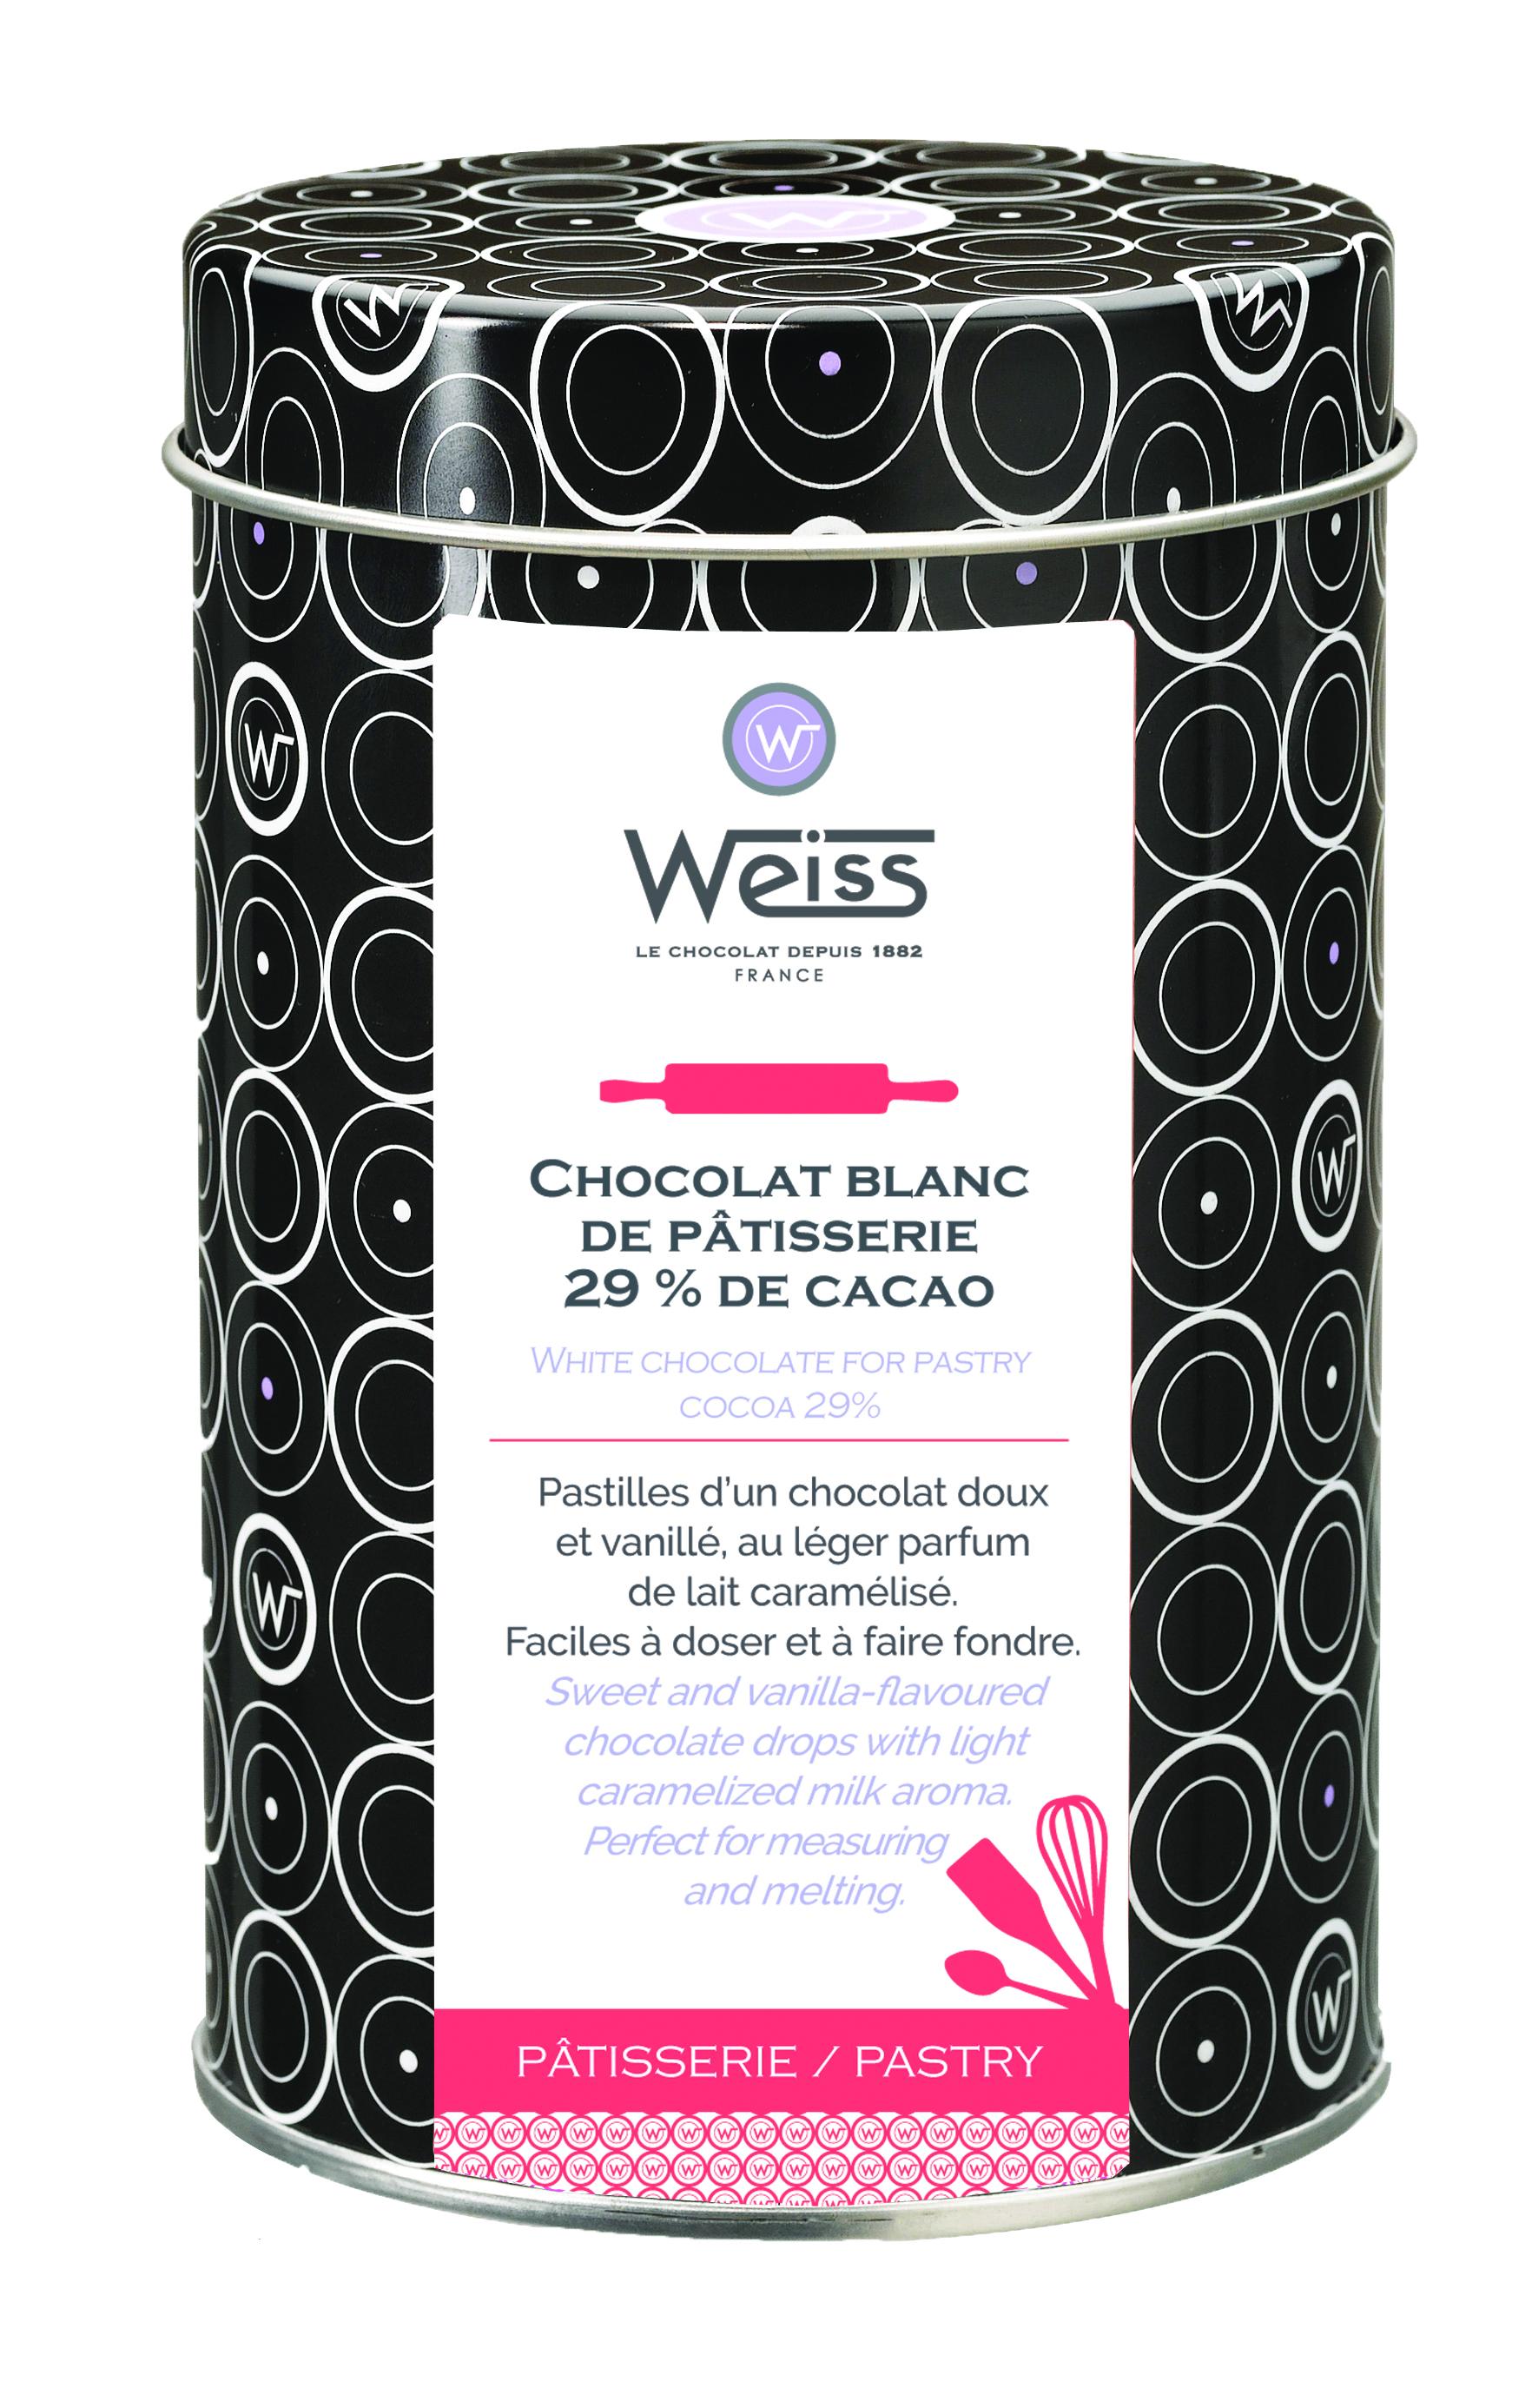 Pastilles de chocolat blanc de pâtisserie 29% de cacao, Weiss (400 g)